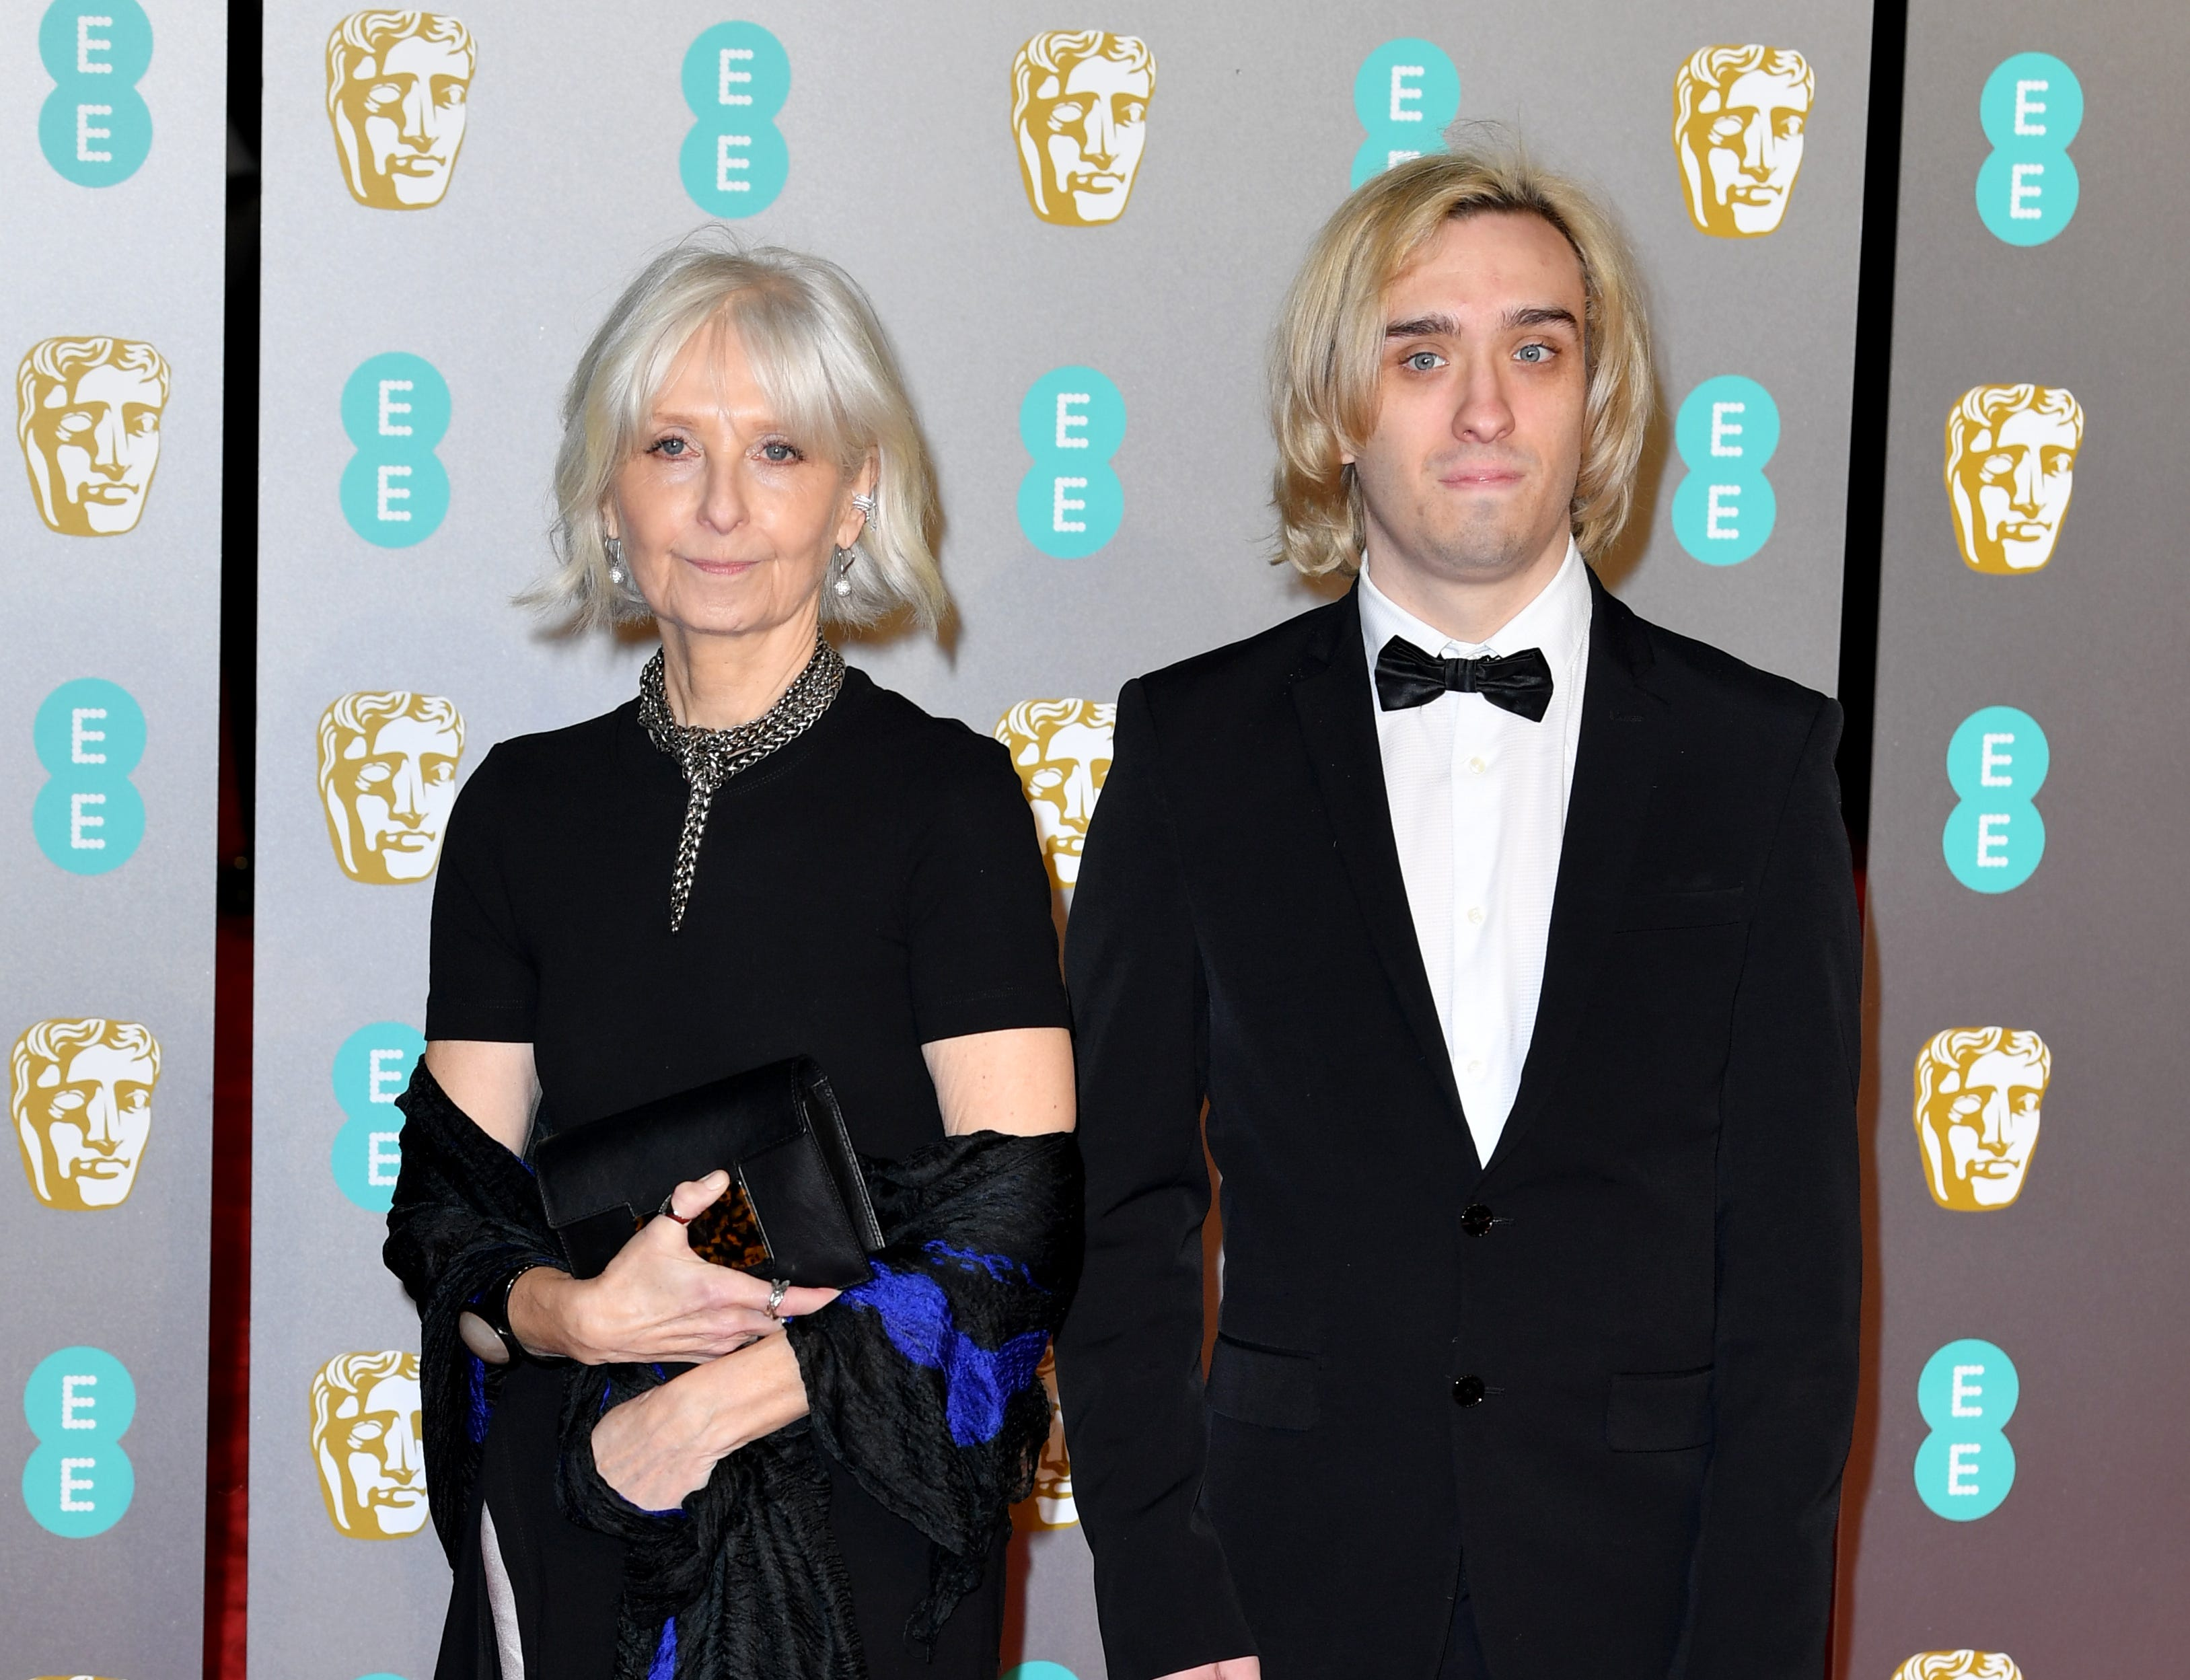 Jan Sewell a su llegada a la alfombra roja de los Premios de la Academia Británica de Cine BAFTA en el Royal Albert Hall en Londres el 10 de febrero de 2019.